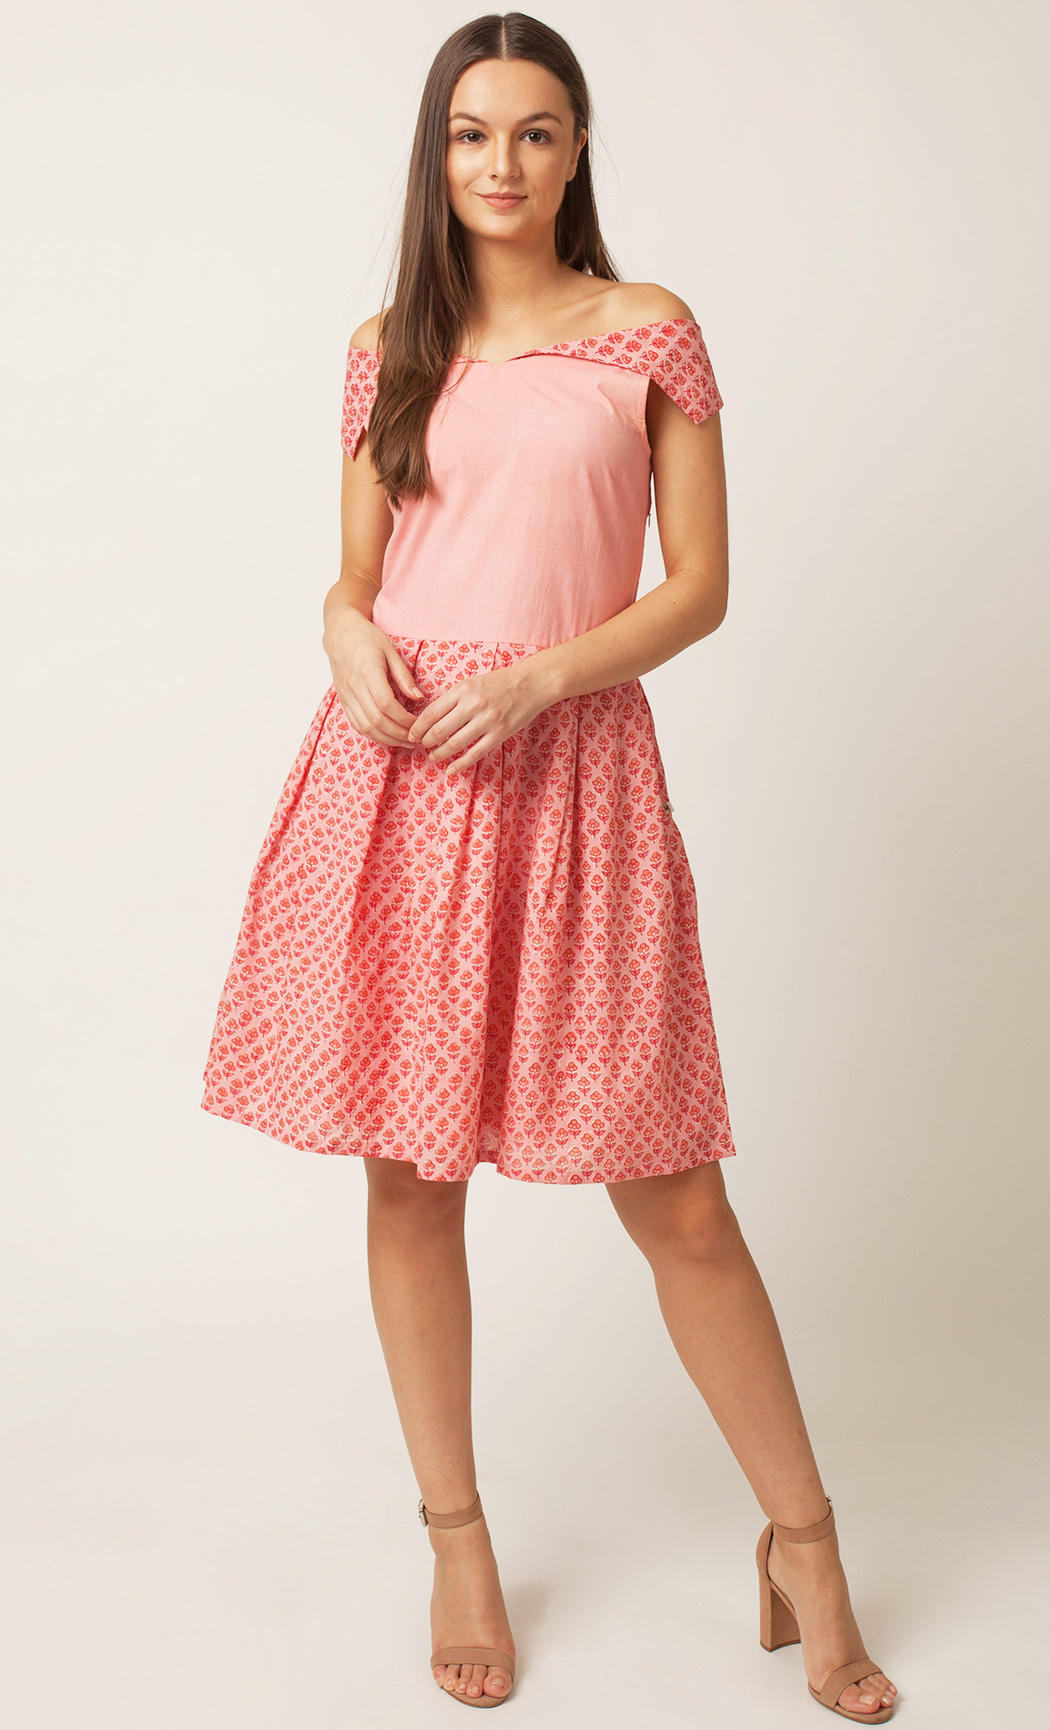 Pink Off-Shoulder Dress. Buy Online